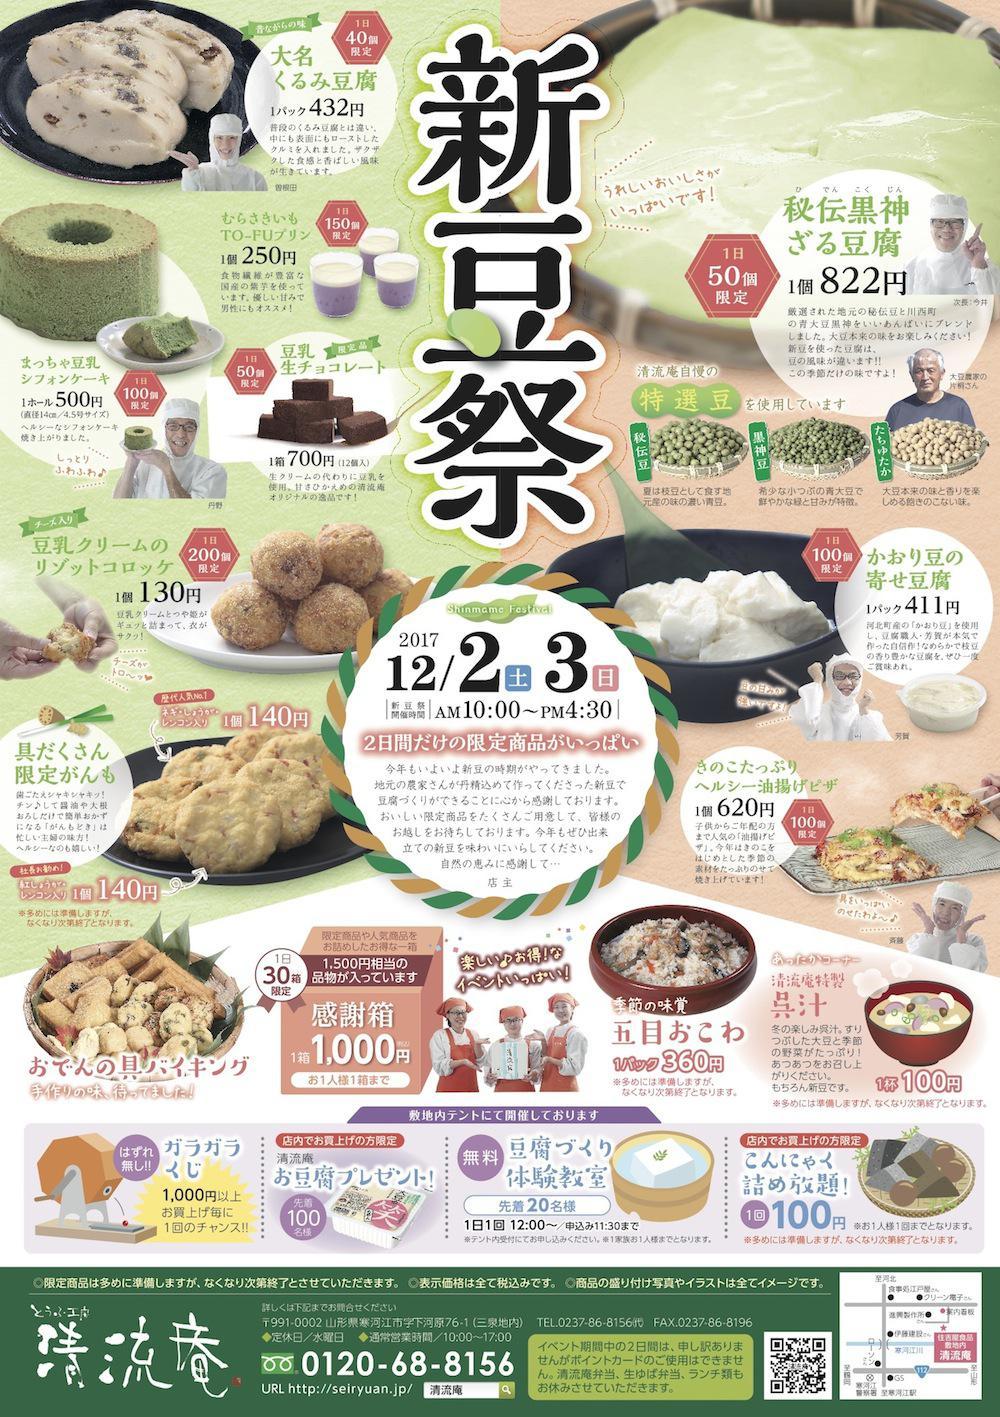 清流庵の新豆祭(12/2・12/3):画像